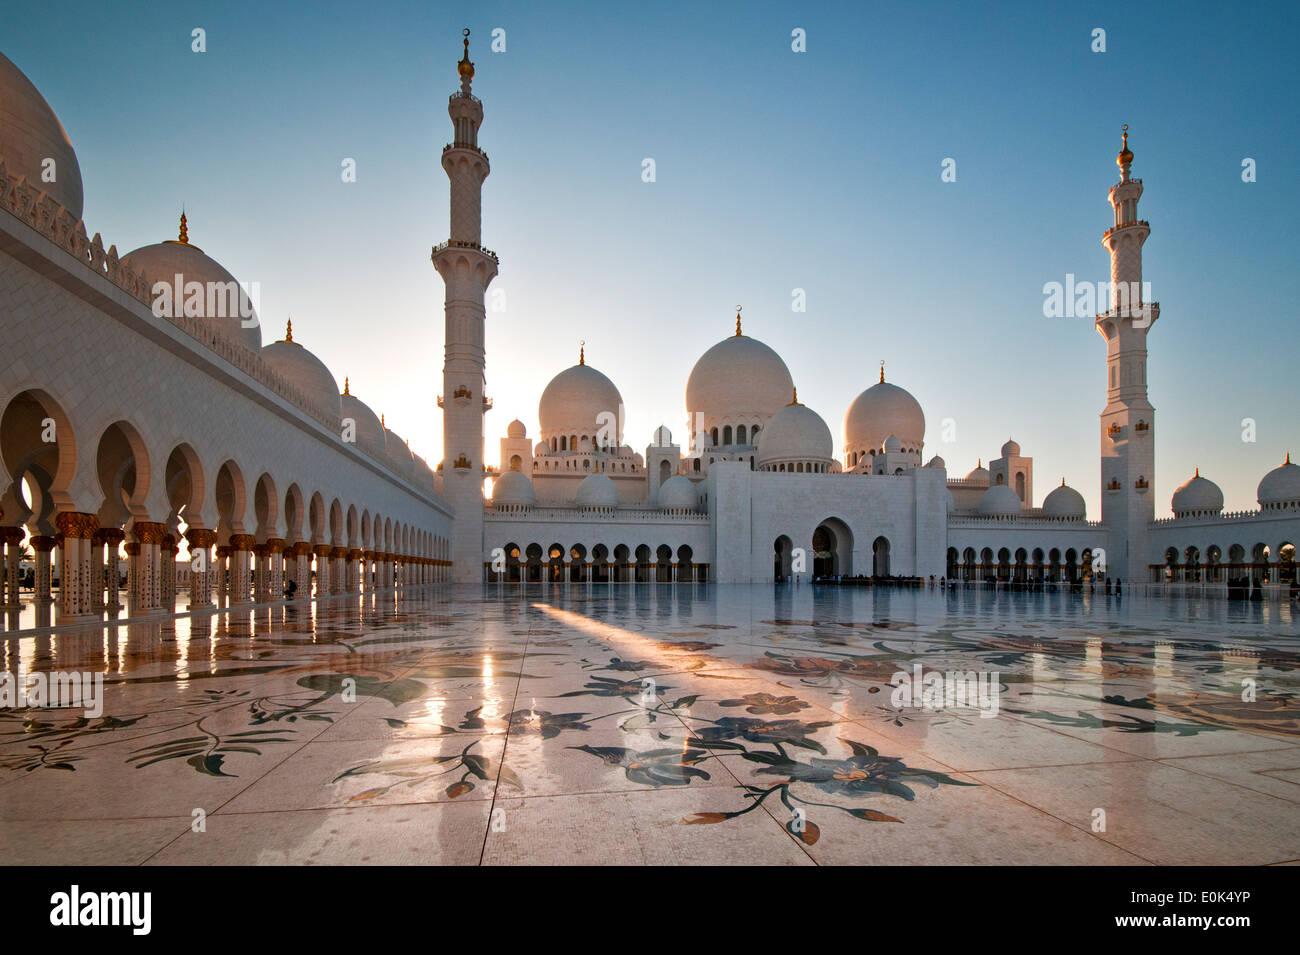 Die Sheikh Zayed Grand Moschee bei Sonnenuntergang, Abu Dhabi, Vereinigte Arabische Emirate, Naher Osten Stockbild